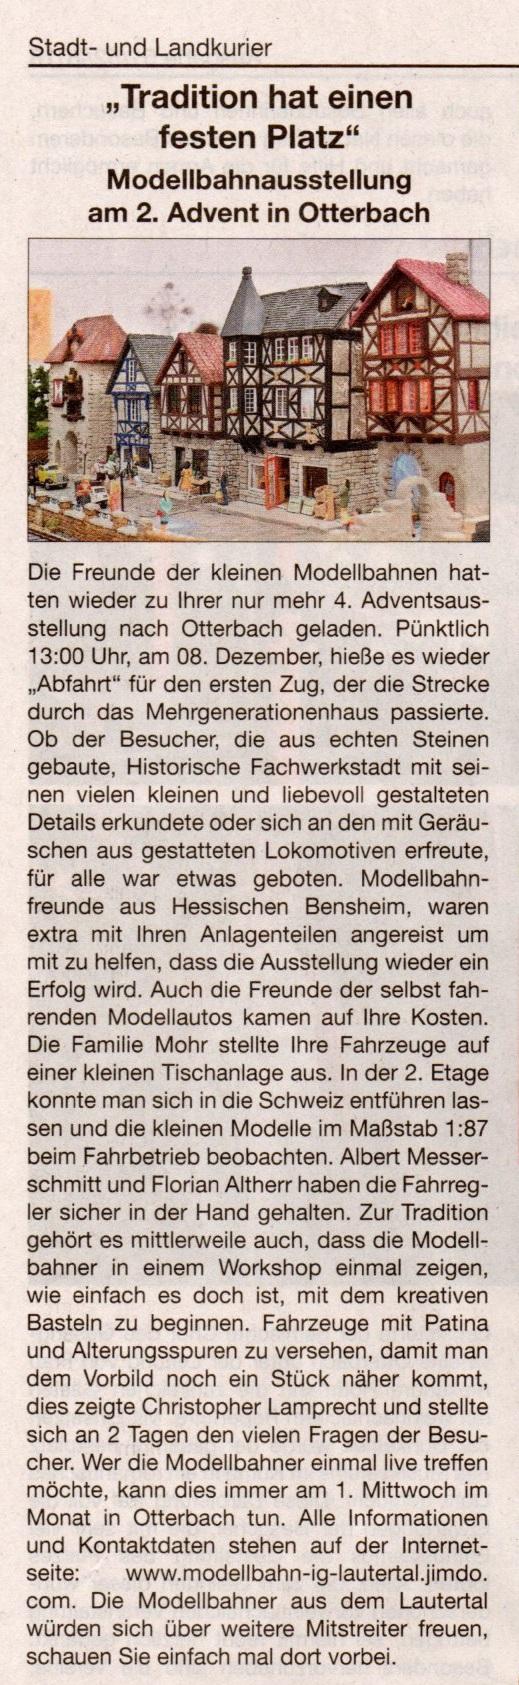 """Quelle: """"Stadt- und Landkurier"""" Ausgabe 51"""